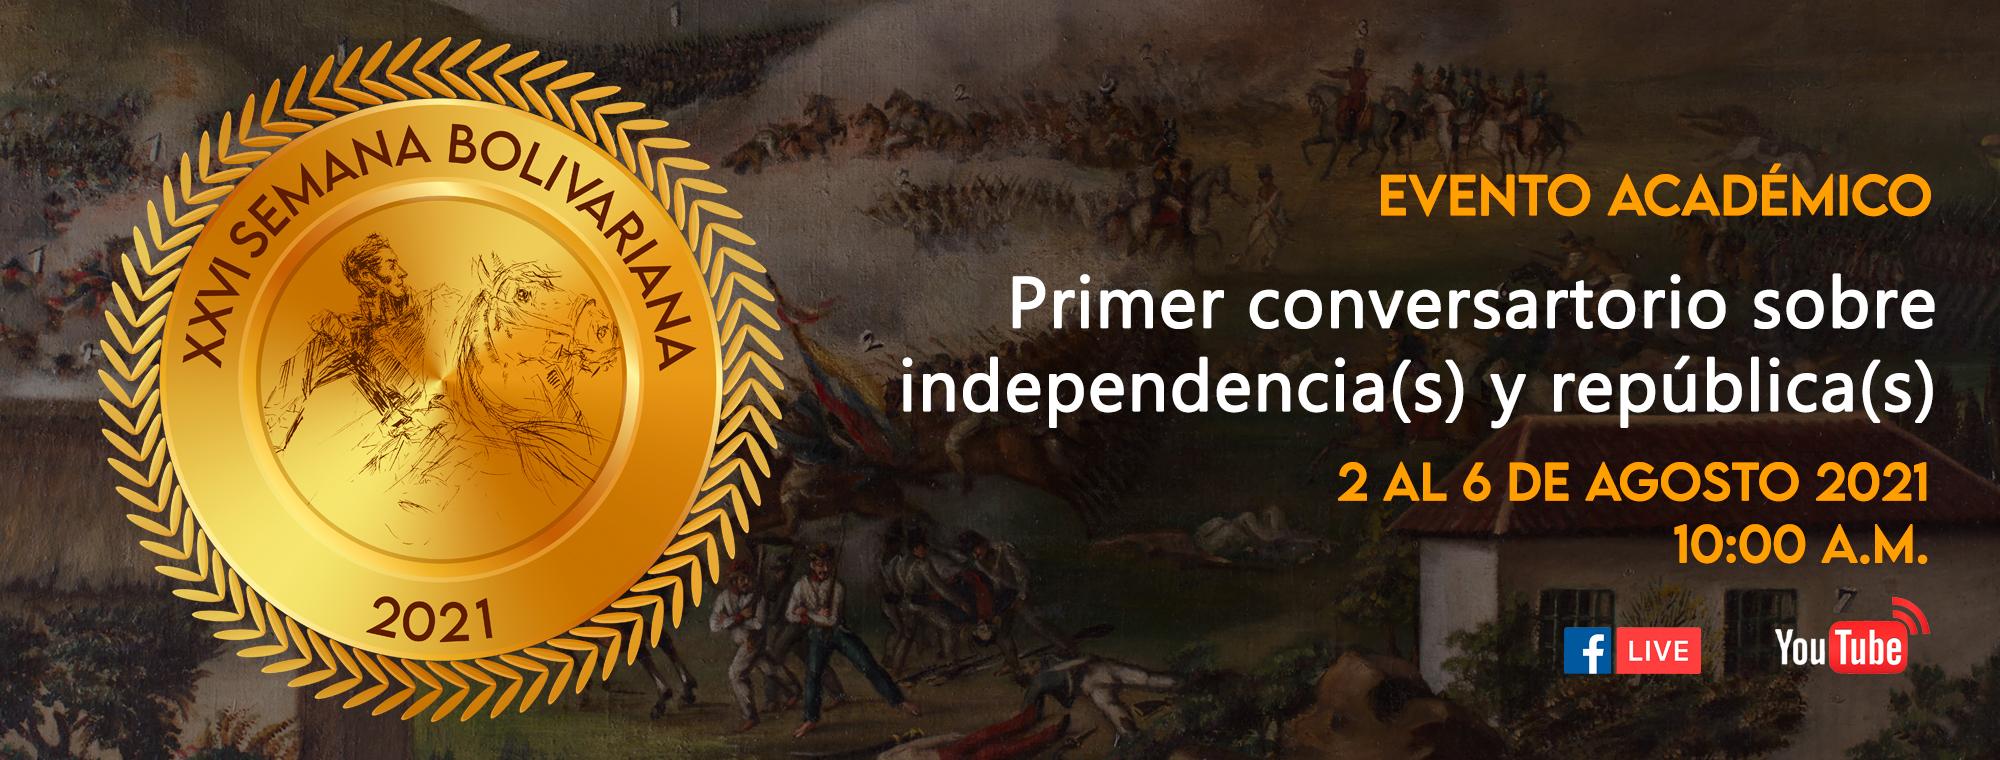 Conversatorios sobre independencia(s) y república(s)